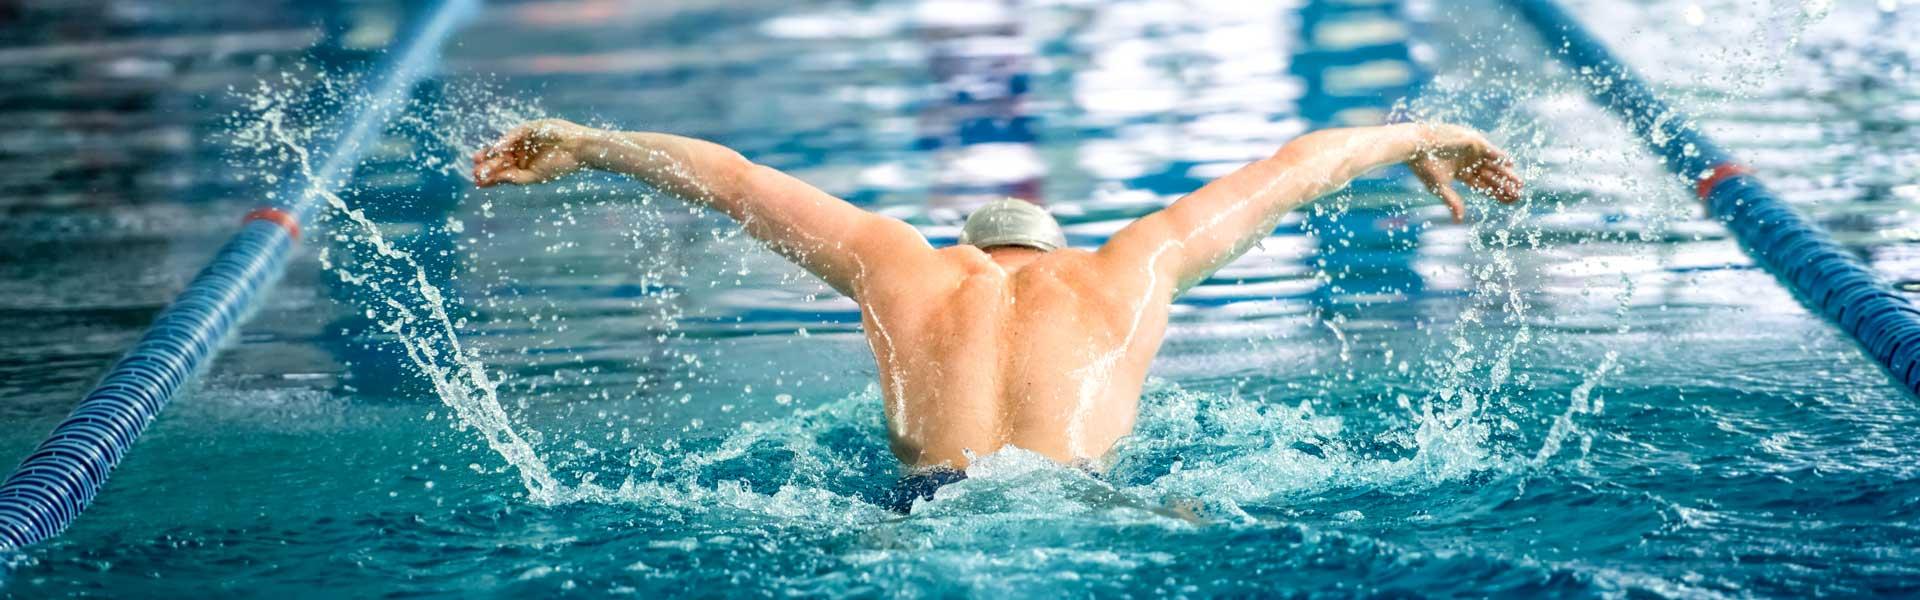 Un nageur professionnel exécutant des longueurs à la piscine